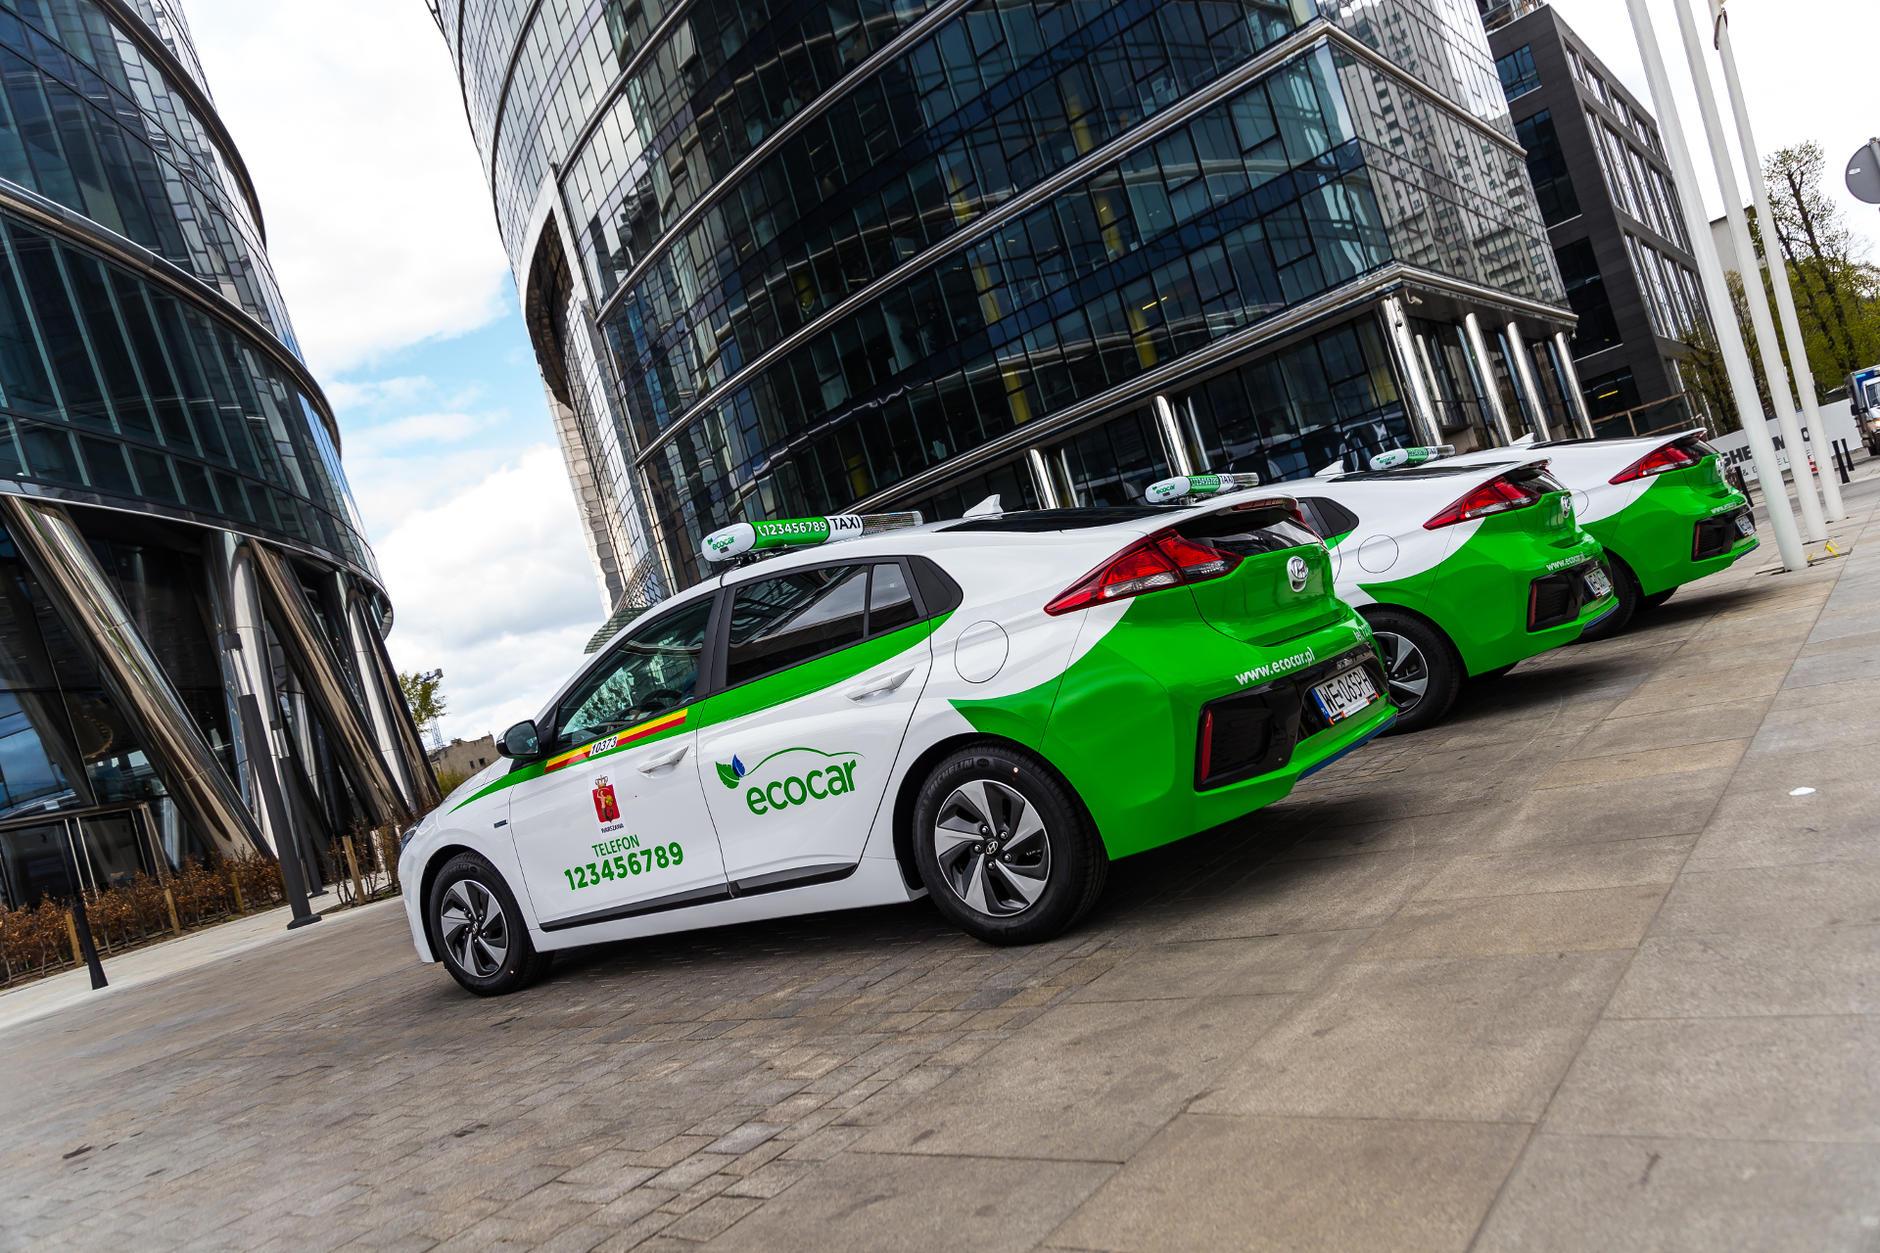 EcoCar zwikszy flot wasnych samochodw. Na ulice wyjad te Tesle